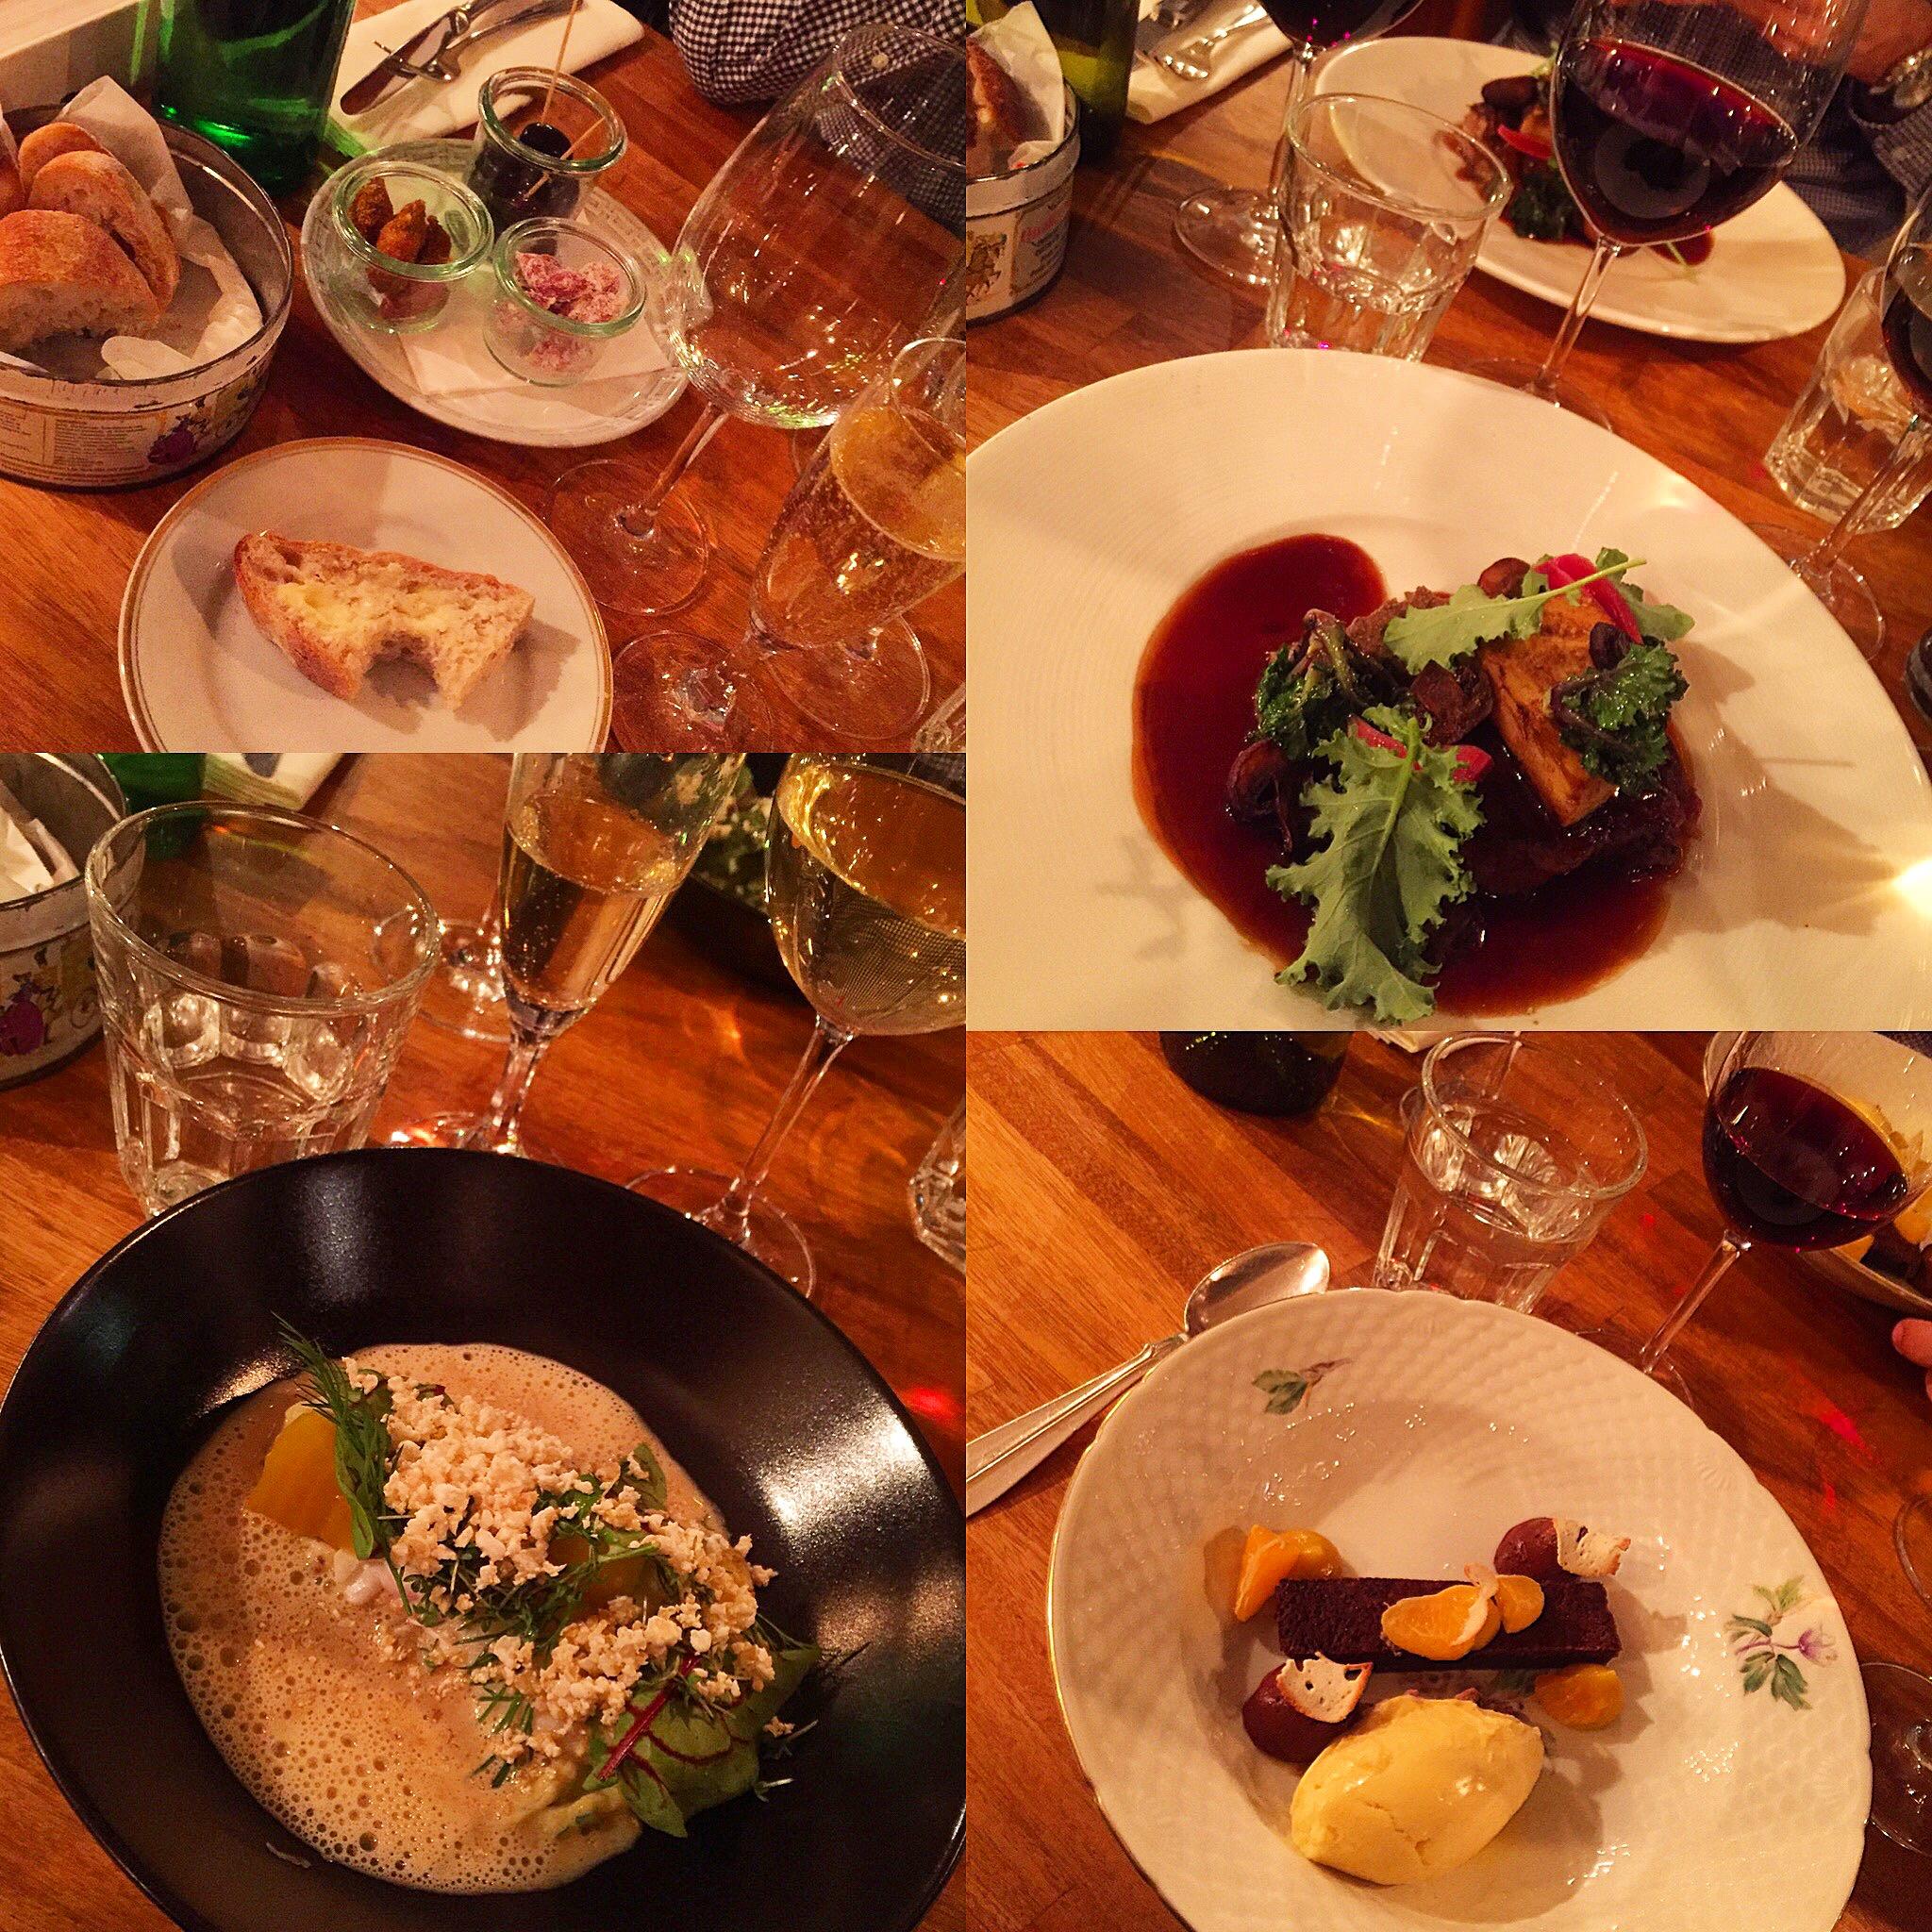 Kok og vin Odense Spis Restaurant Årsdag Anbefaling Vin menu Top 5